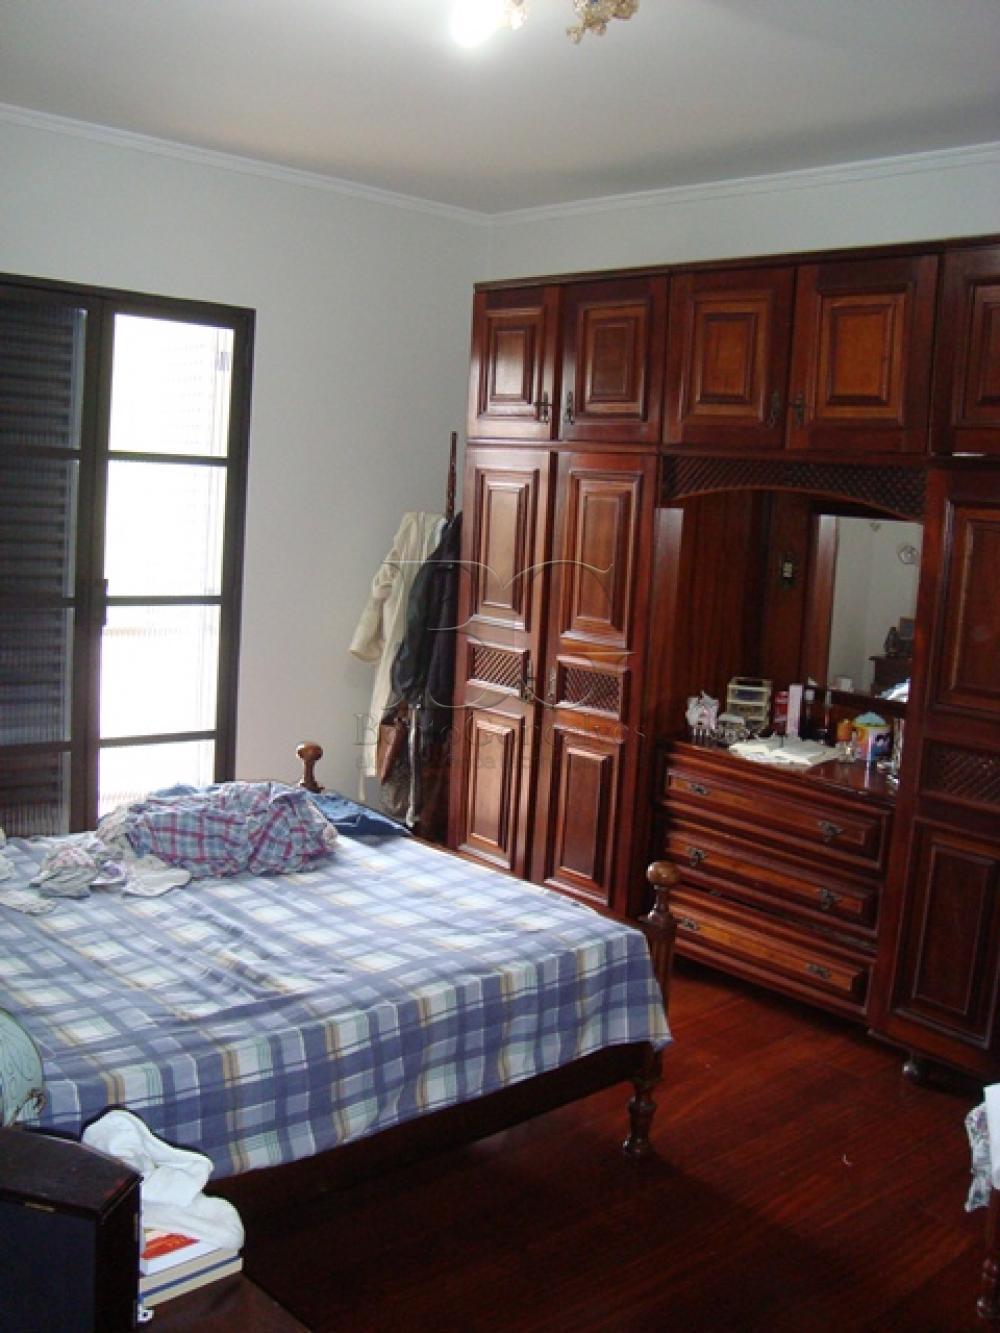 Comprar Casas / Padrão em Poços de Caldas apenas R$ 580.000,00 - Foto 13